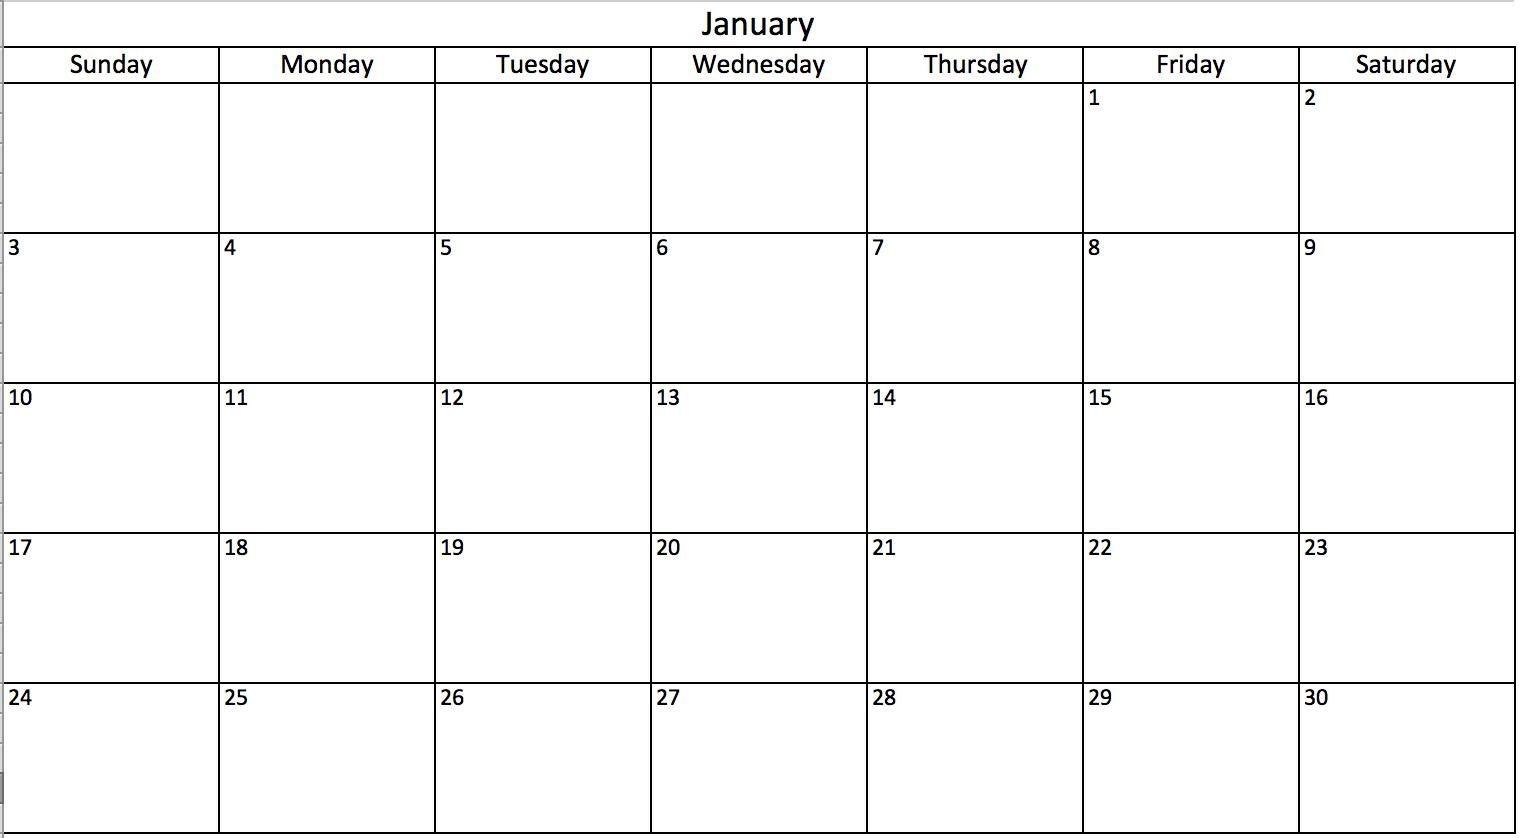 Thêm ngày vào lịch trong Excel